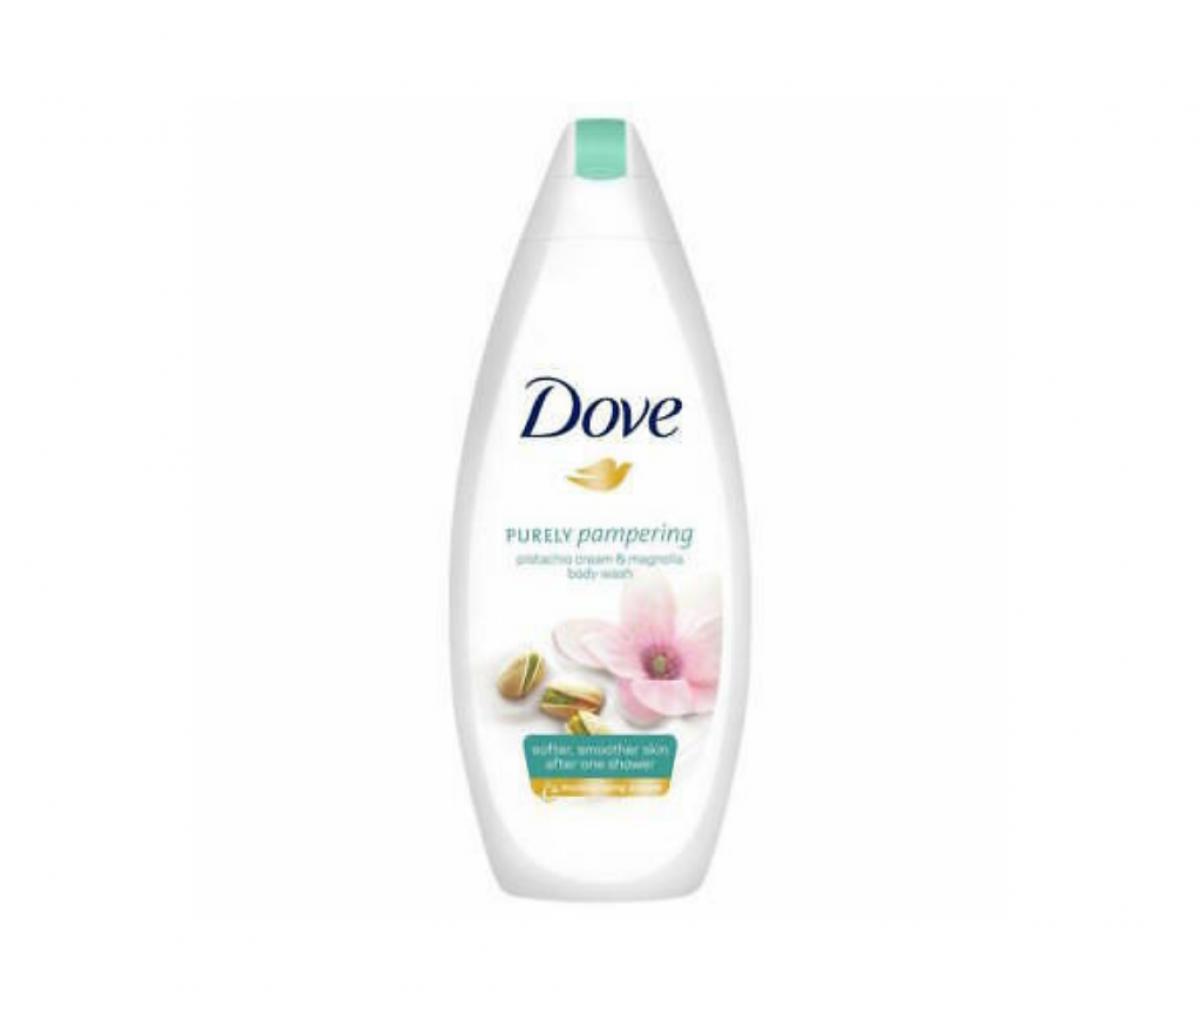 Dove 250ml Pistachio Cream and Magnolia Body Wash